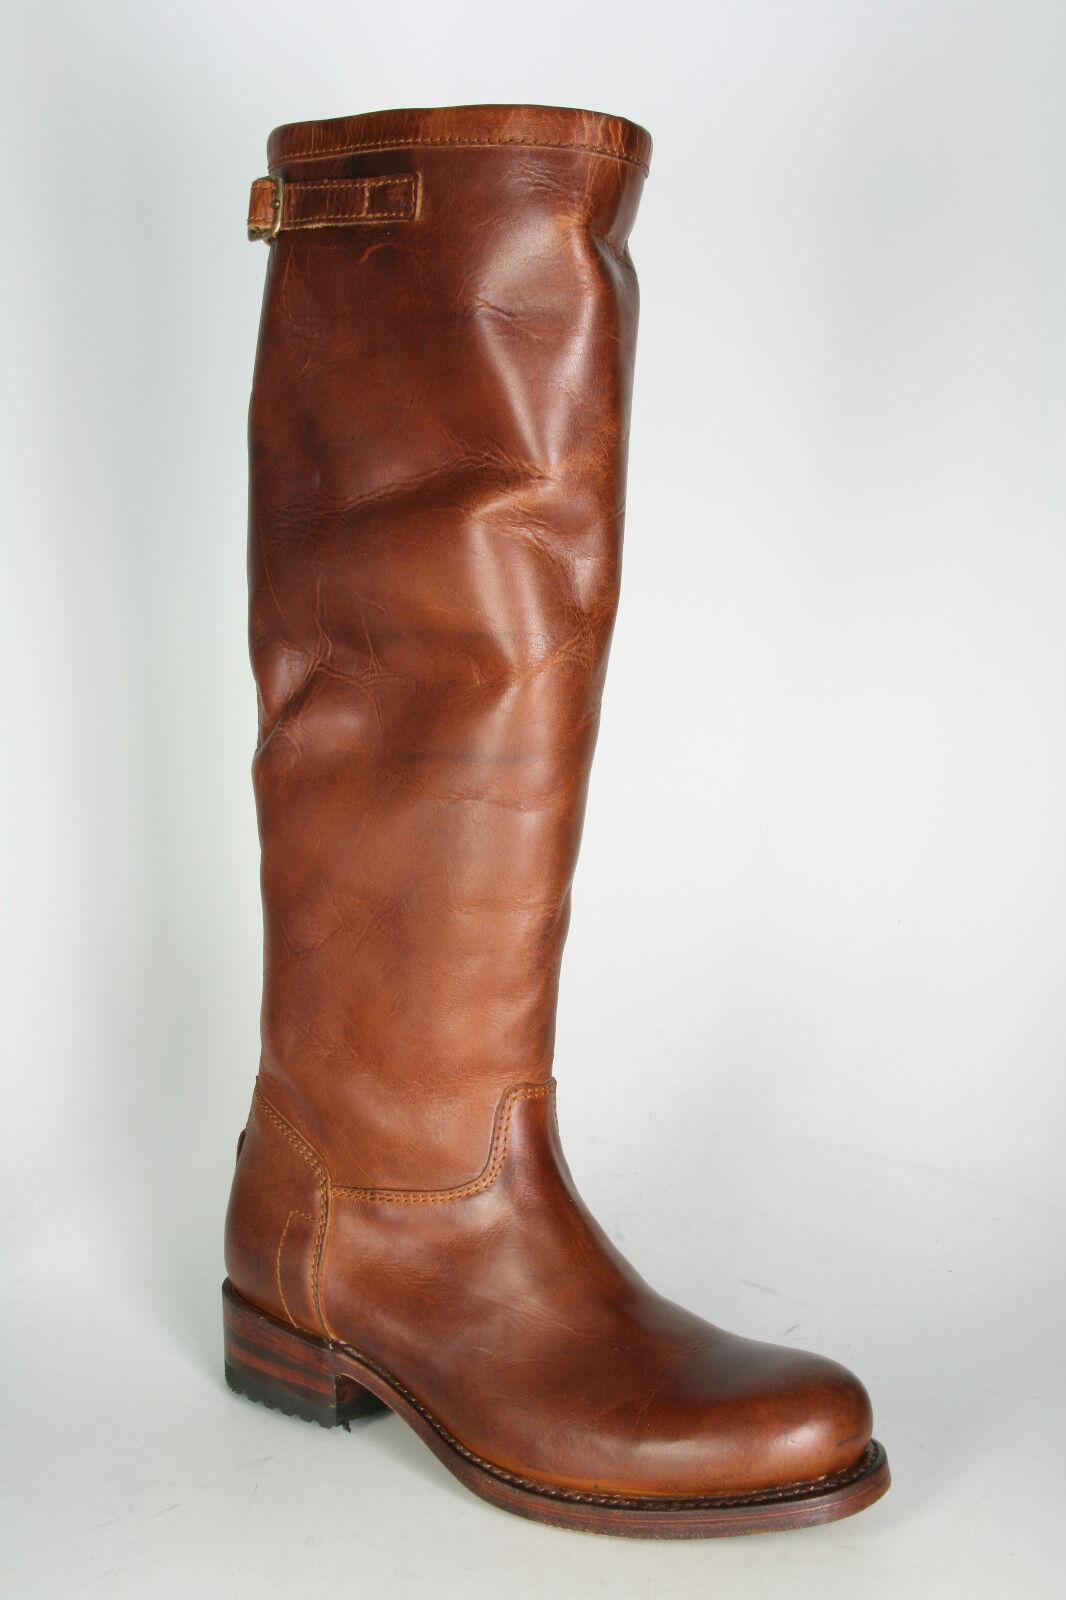 11723 Sendra botas Evolution tang marrón alta caña